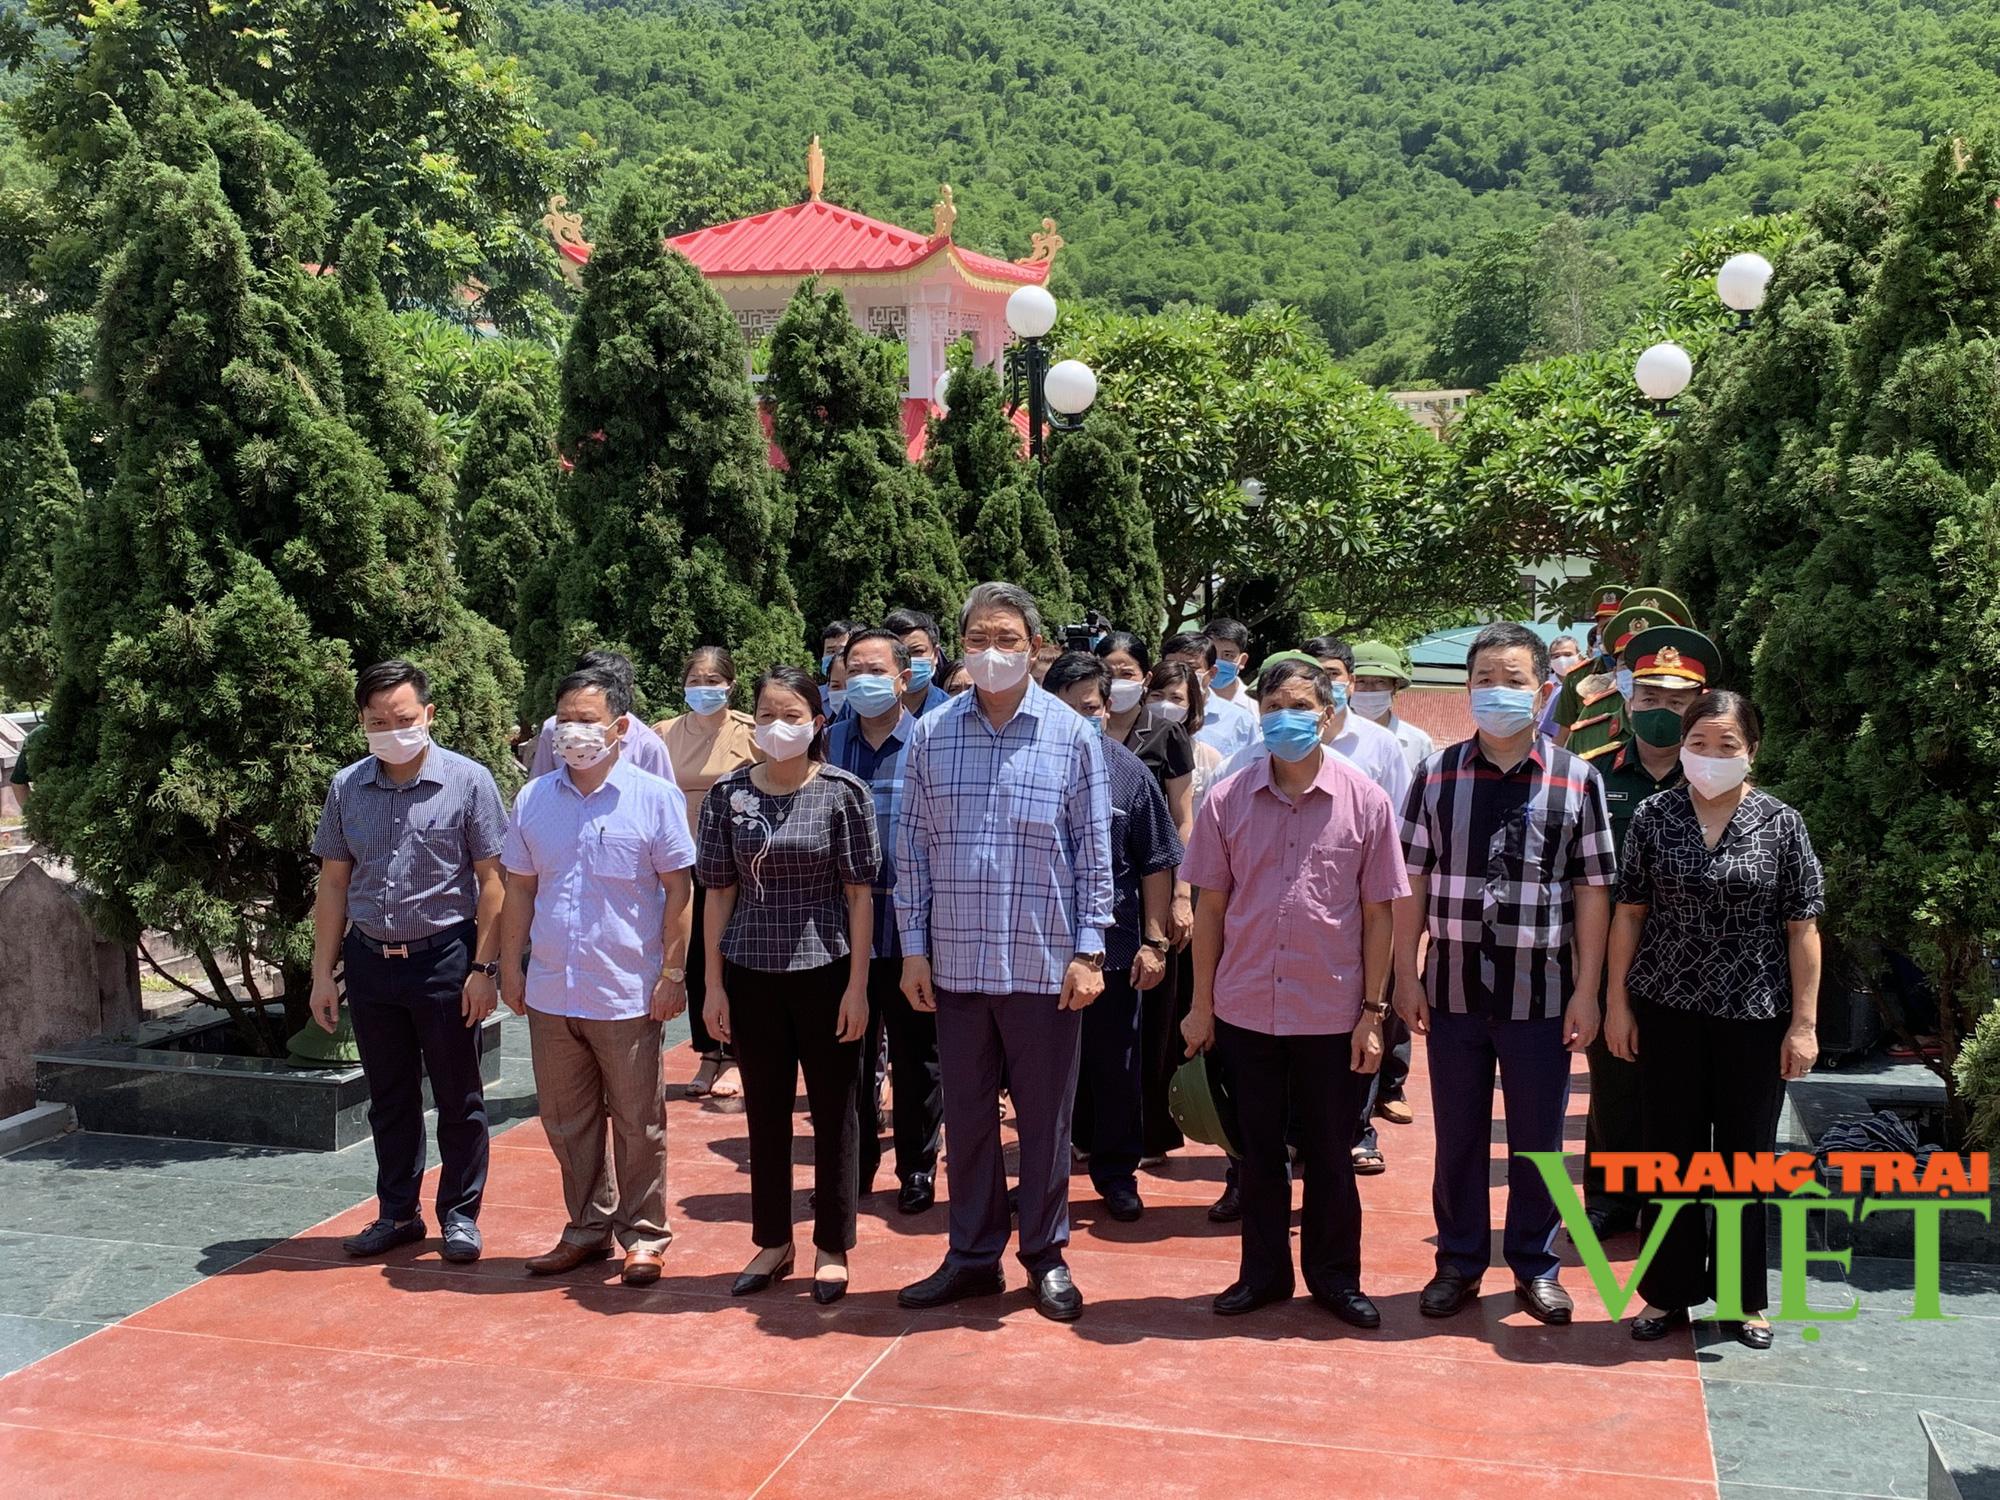 Phó Chủ tịch UBND tỉnh Thanh Hoá viếng nghĩa trang liệt sĩ và tặng quà các gia đình chính sách 2 huyện  - Ảnh 1.